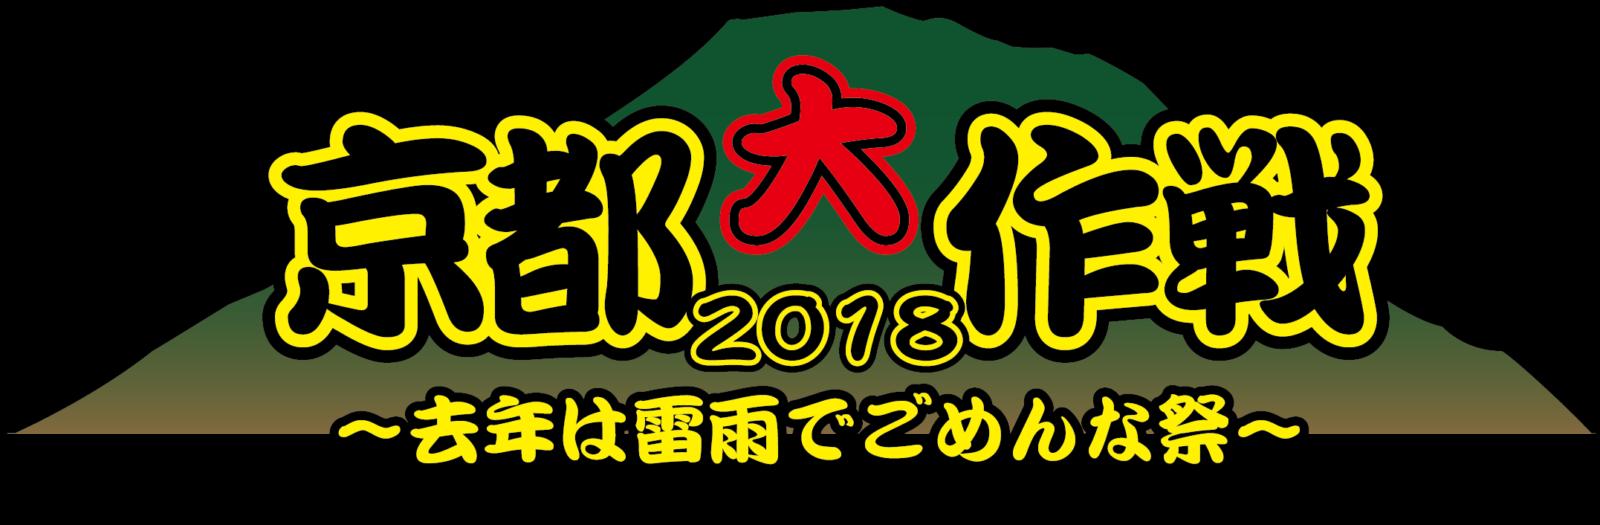 10-FEETが主催するイベント・京都大作戦、今年も開催が決定サムネイル画像